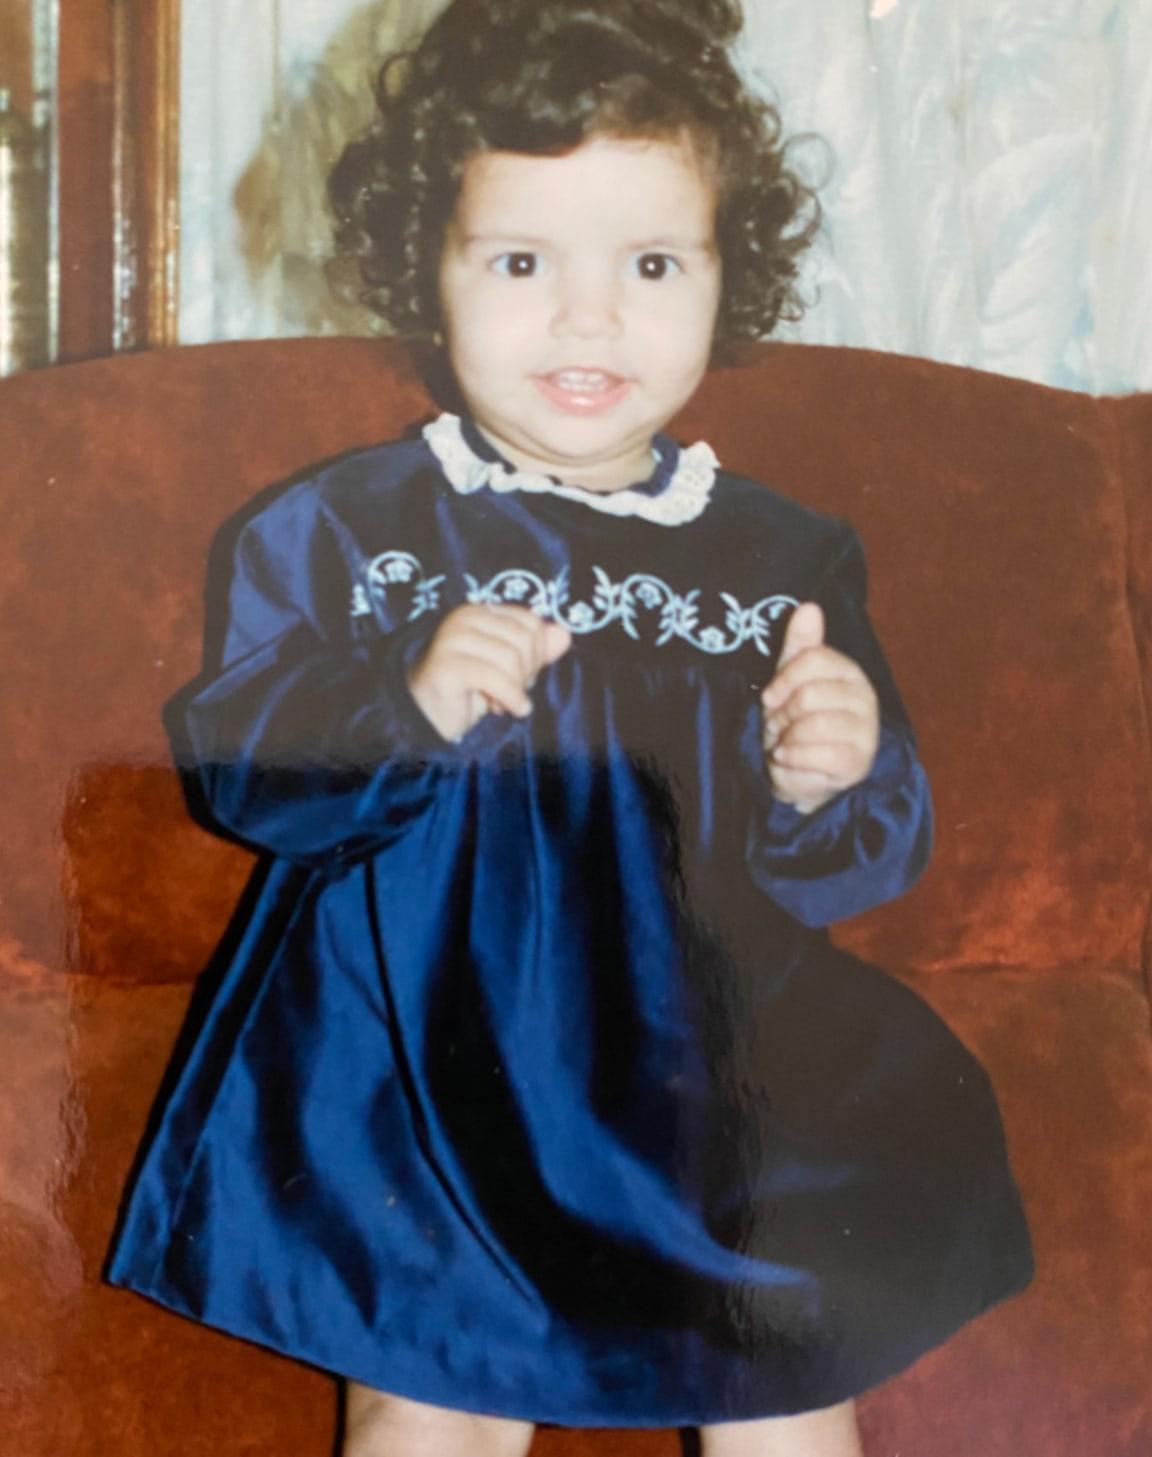 Alia as a kid